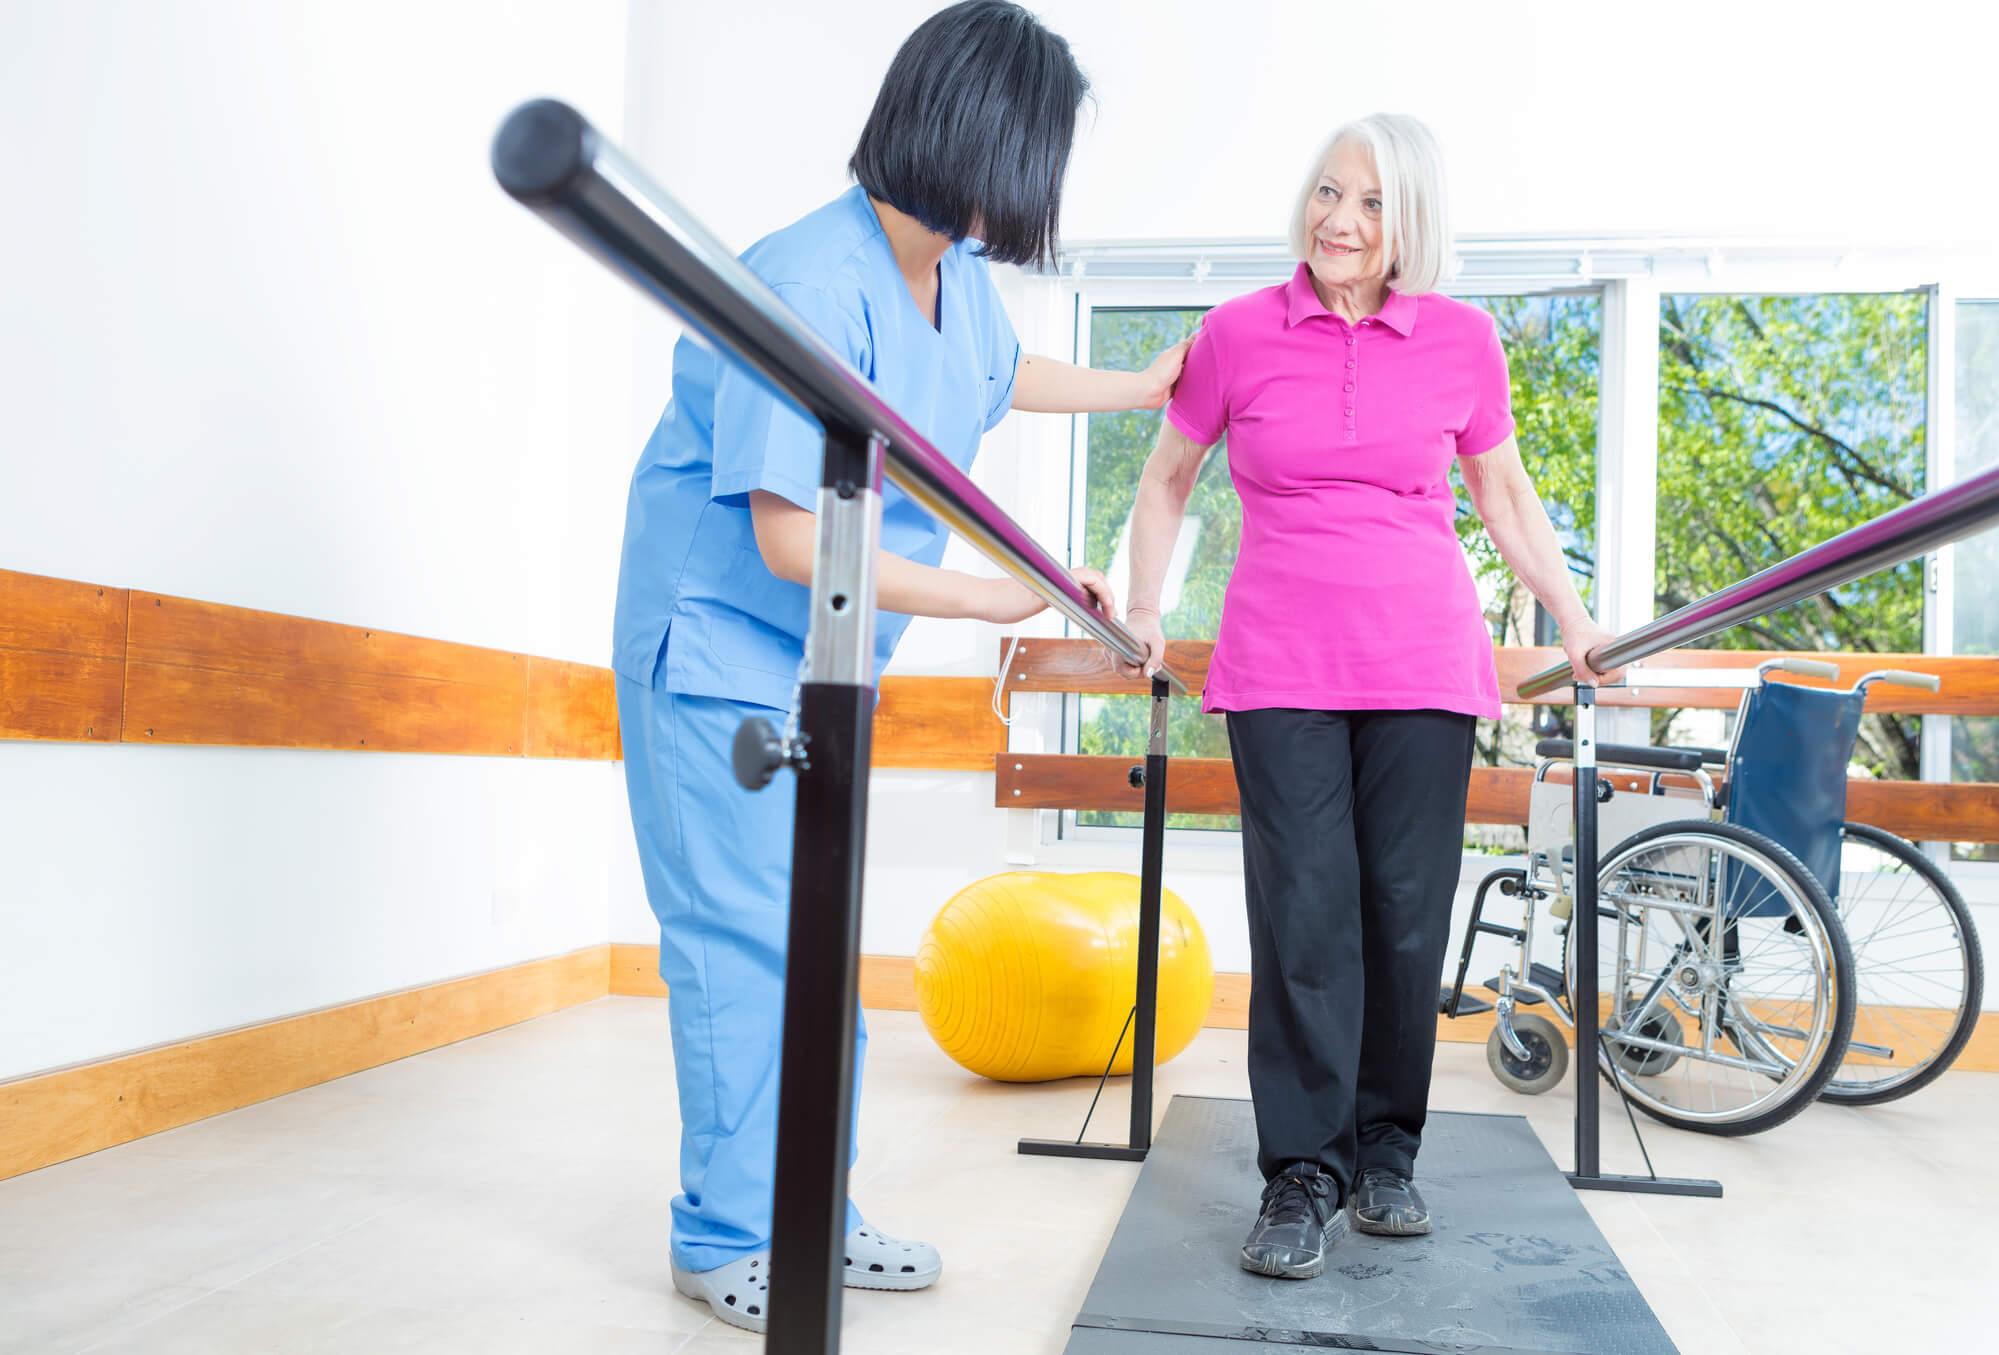 שבר במפרק הירך - טיפול פיזיותרפי